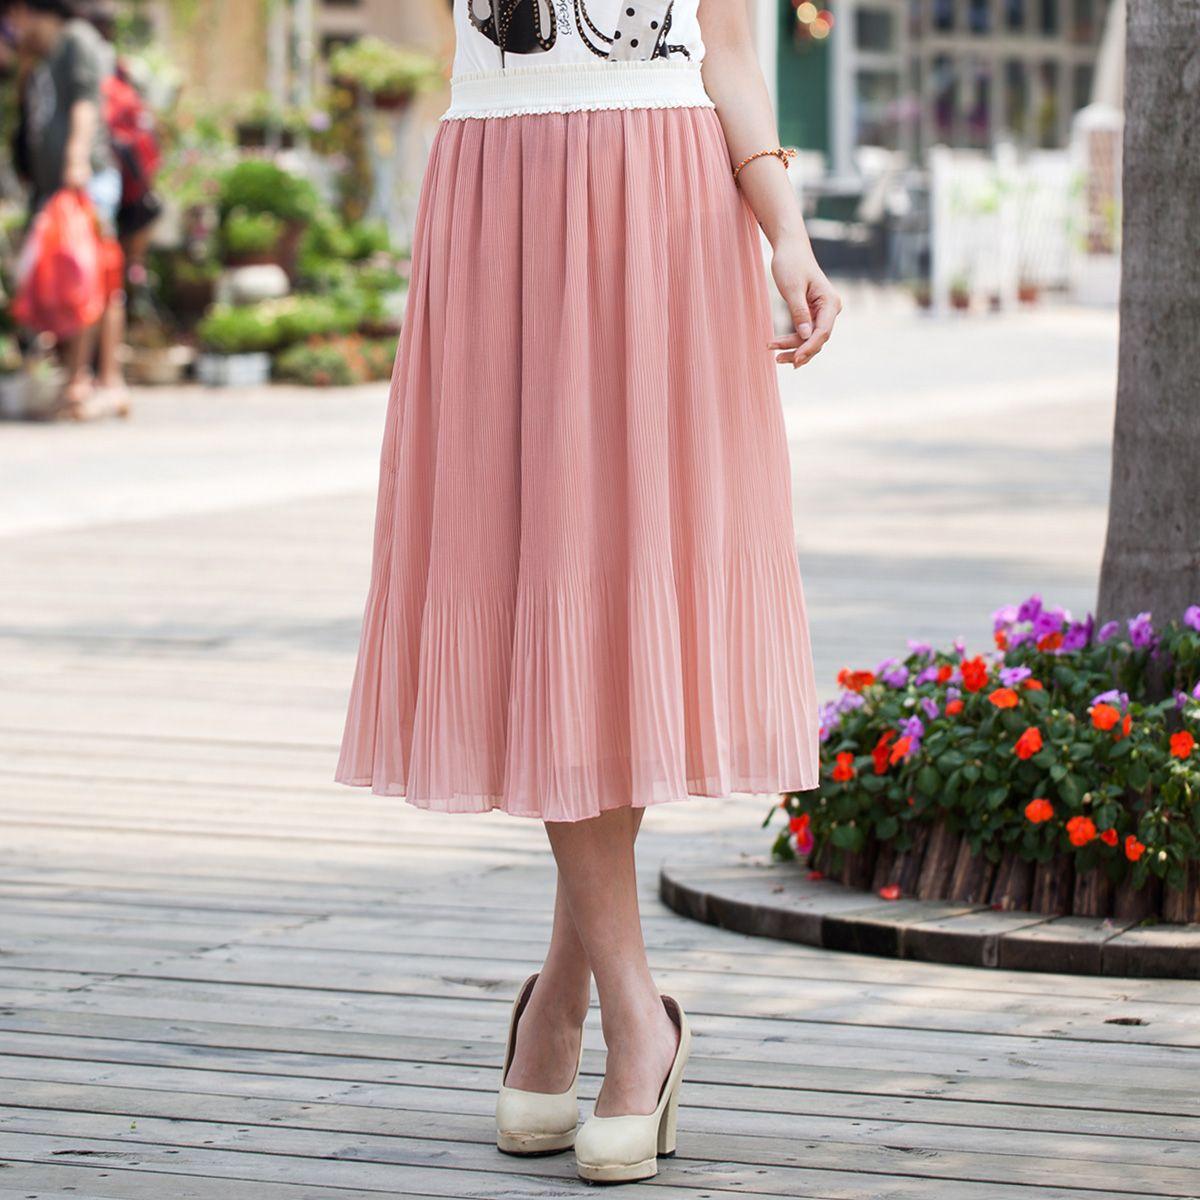 7 стильных способов носить плиссированную юбку этой осенью